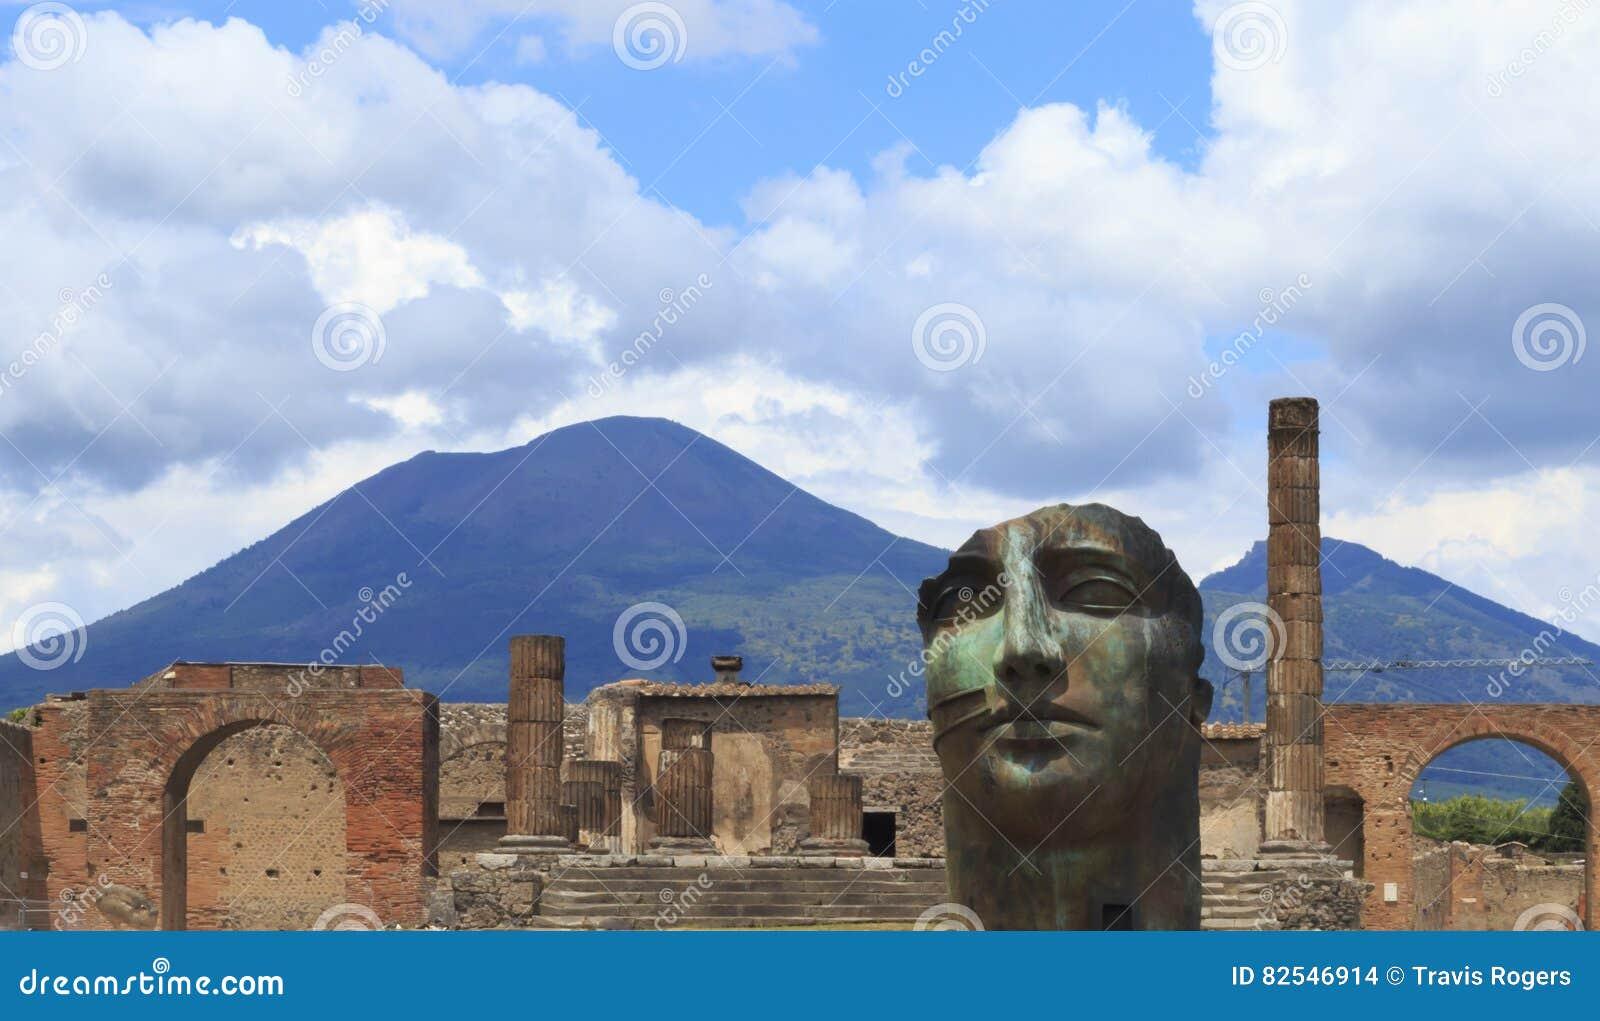 Art moderne de Pompeii avec le mont Vésuve